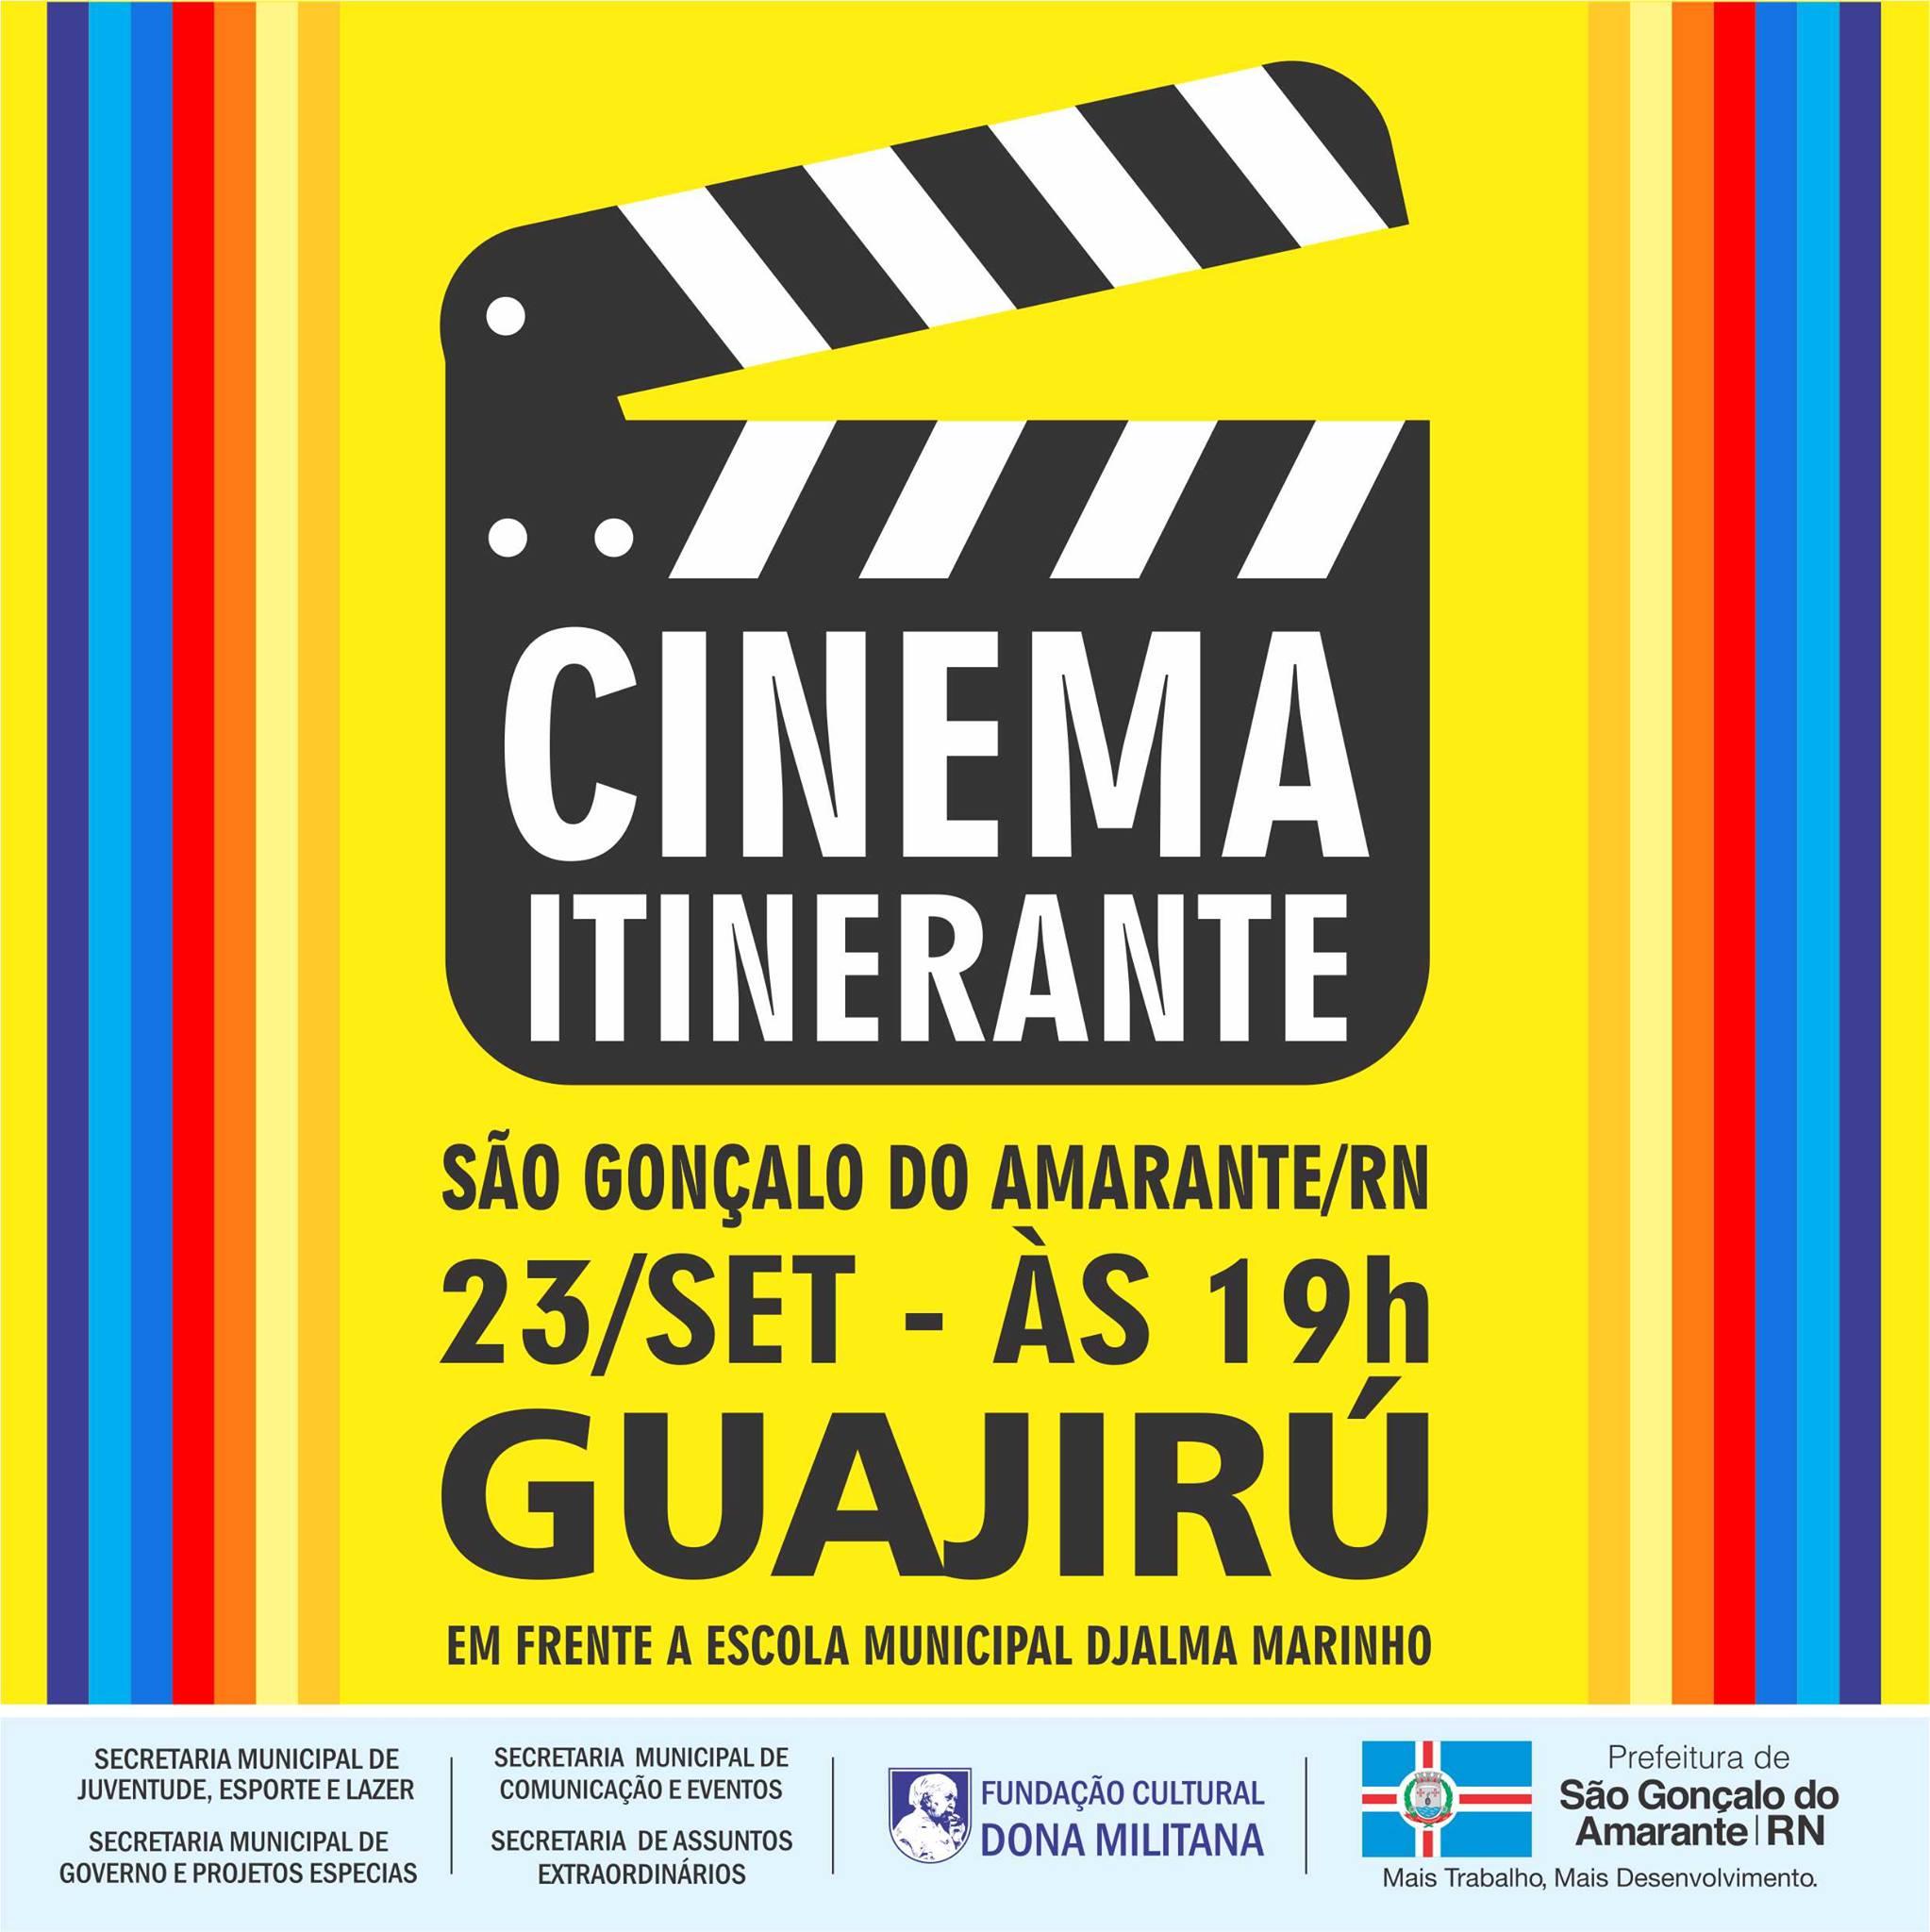 """Projeto """"Cinema Itinerante"""" leva lazer e diversão para o Guajirú"""